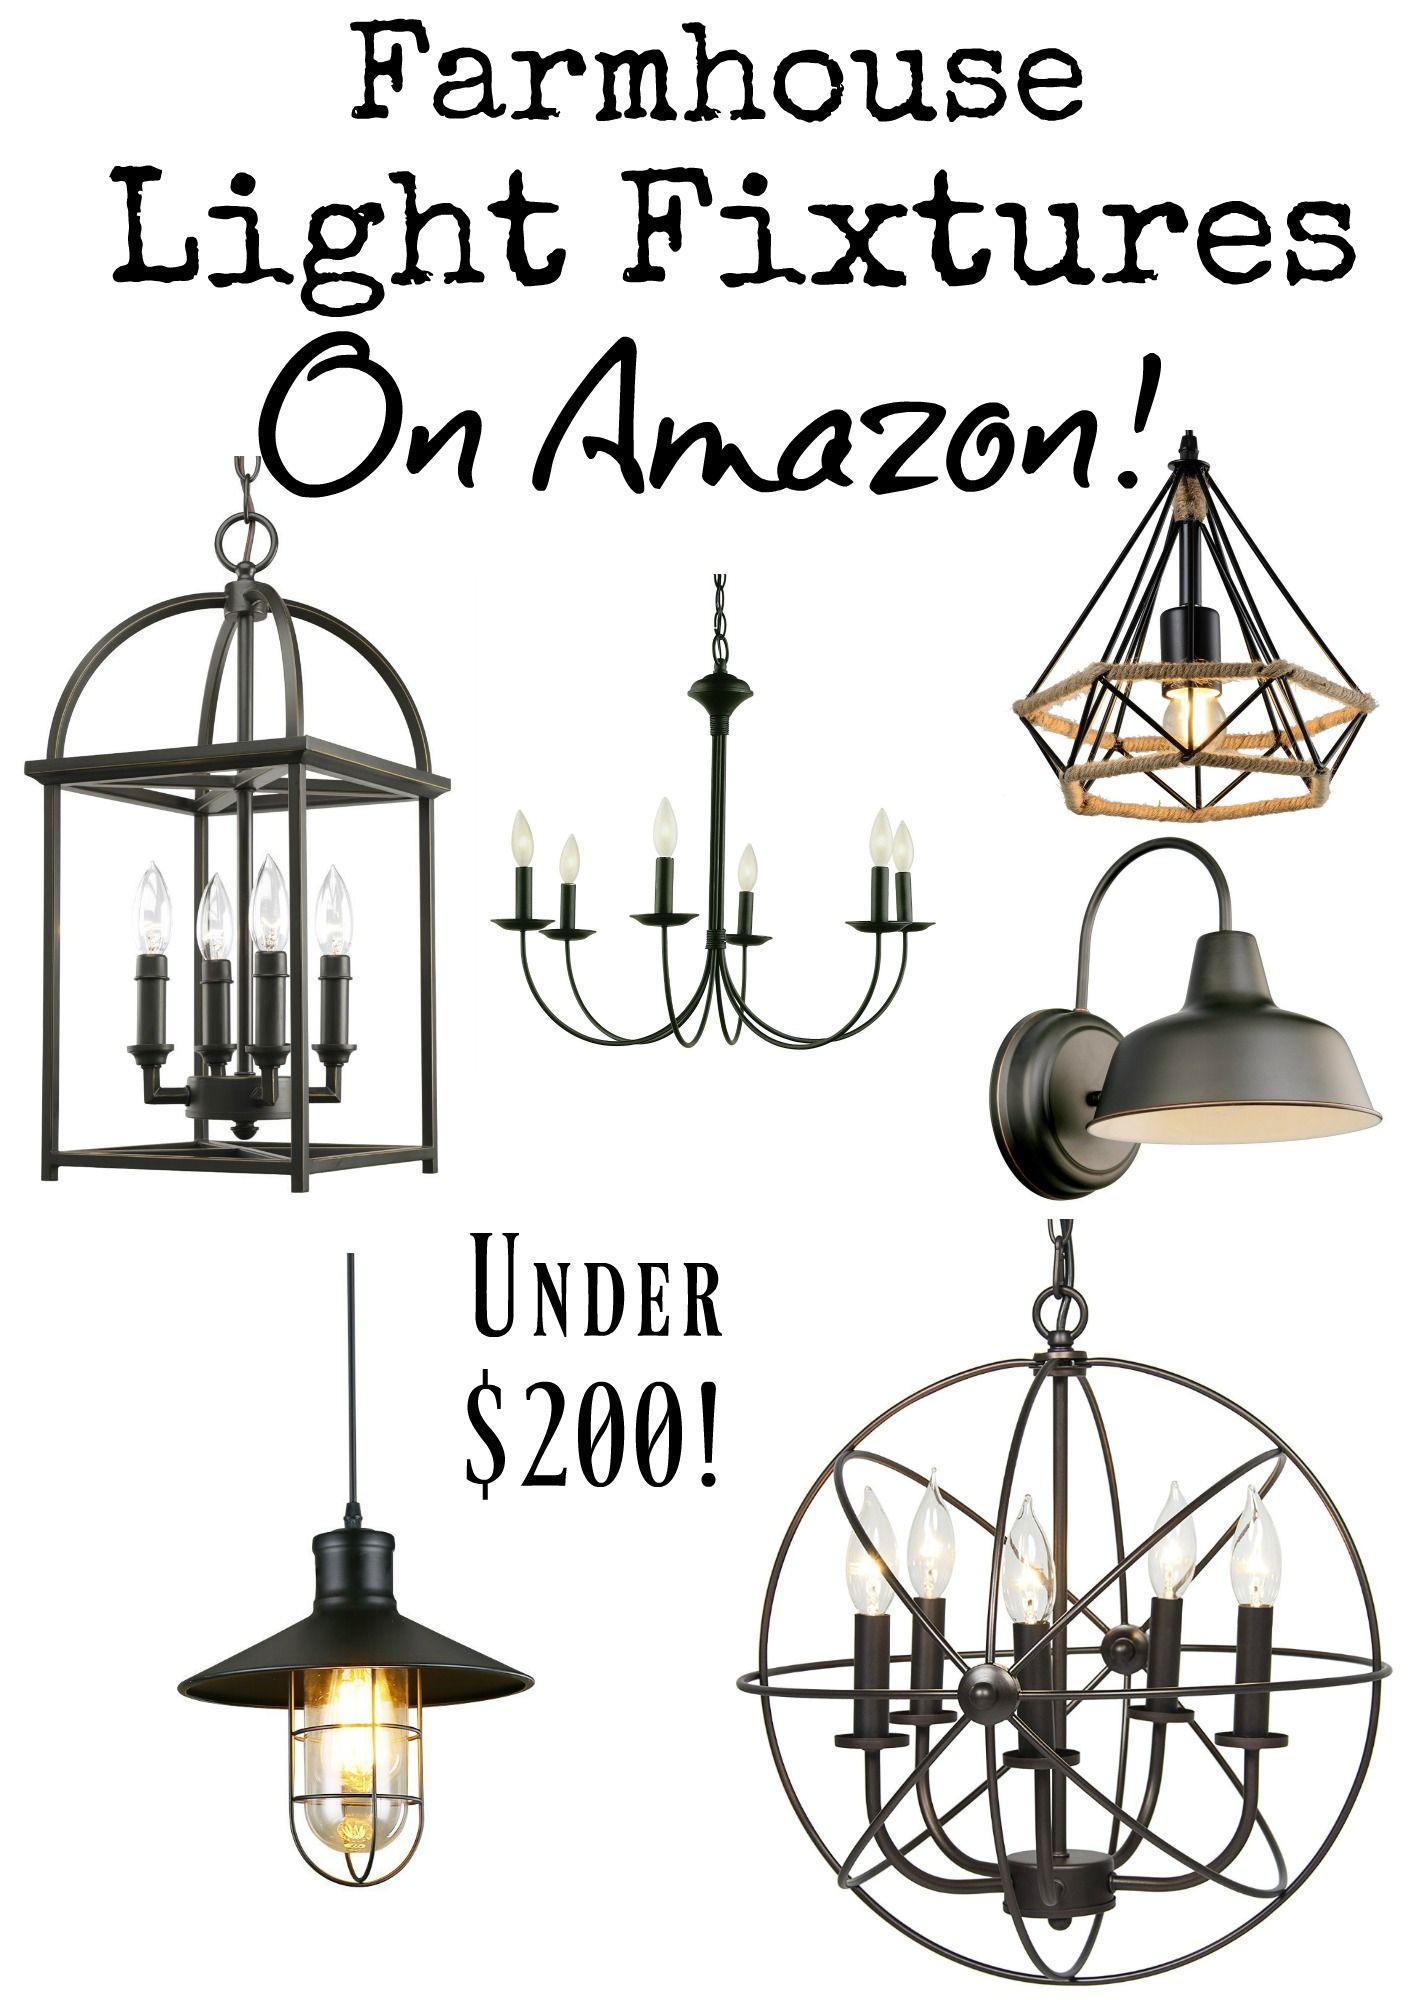 Farmhouse Light Fixtures under 200 {on Amazon